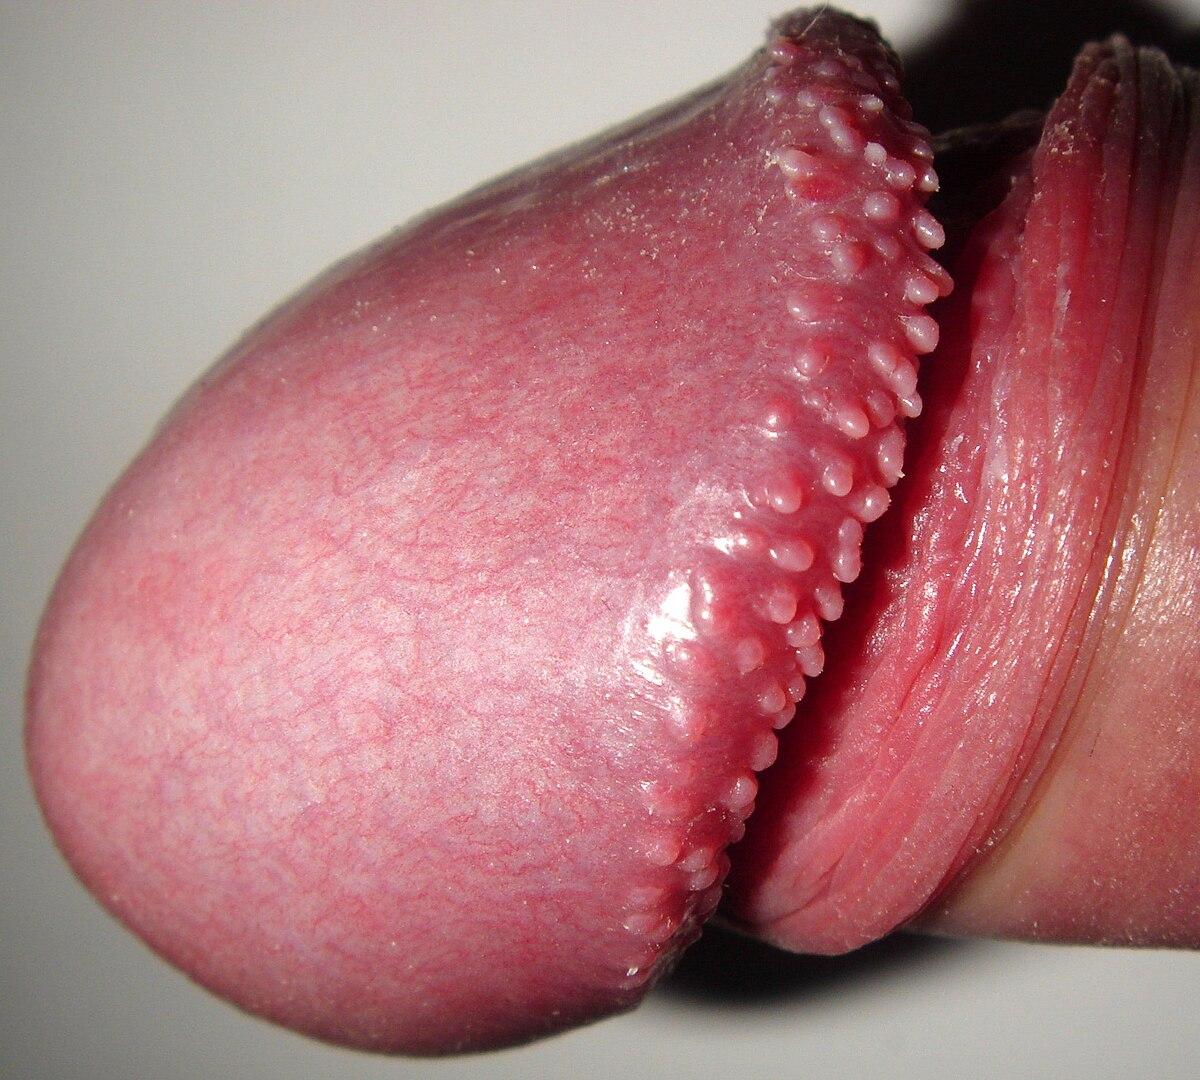 penisuri perlate care muschi este responsabil pentru erectie